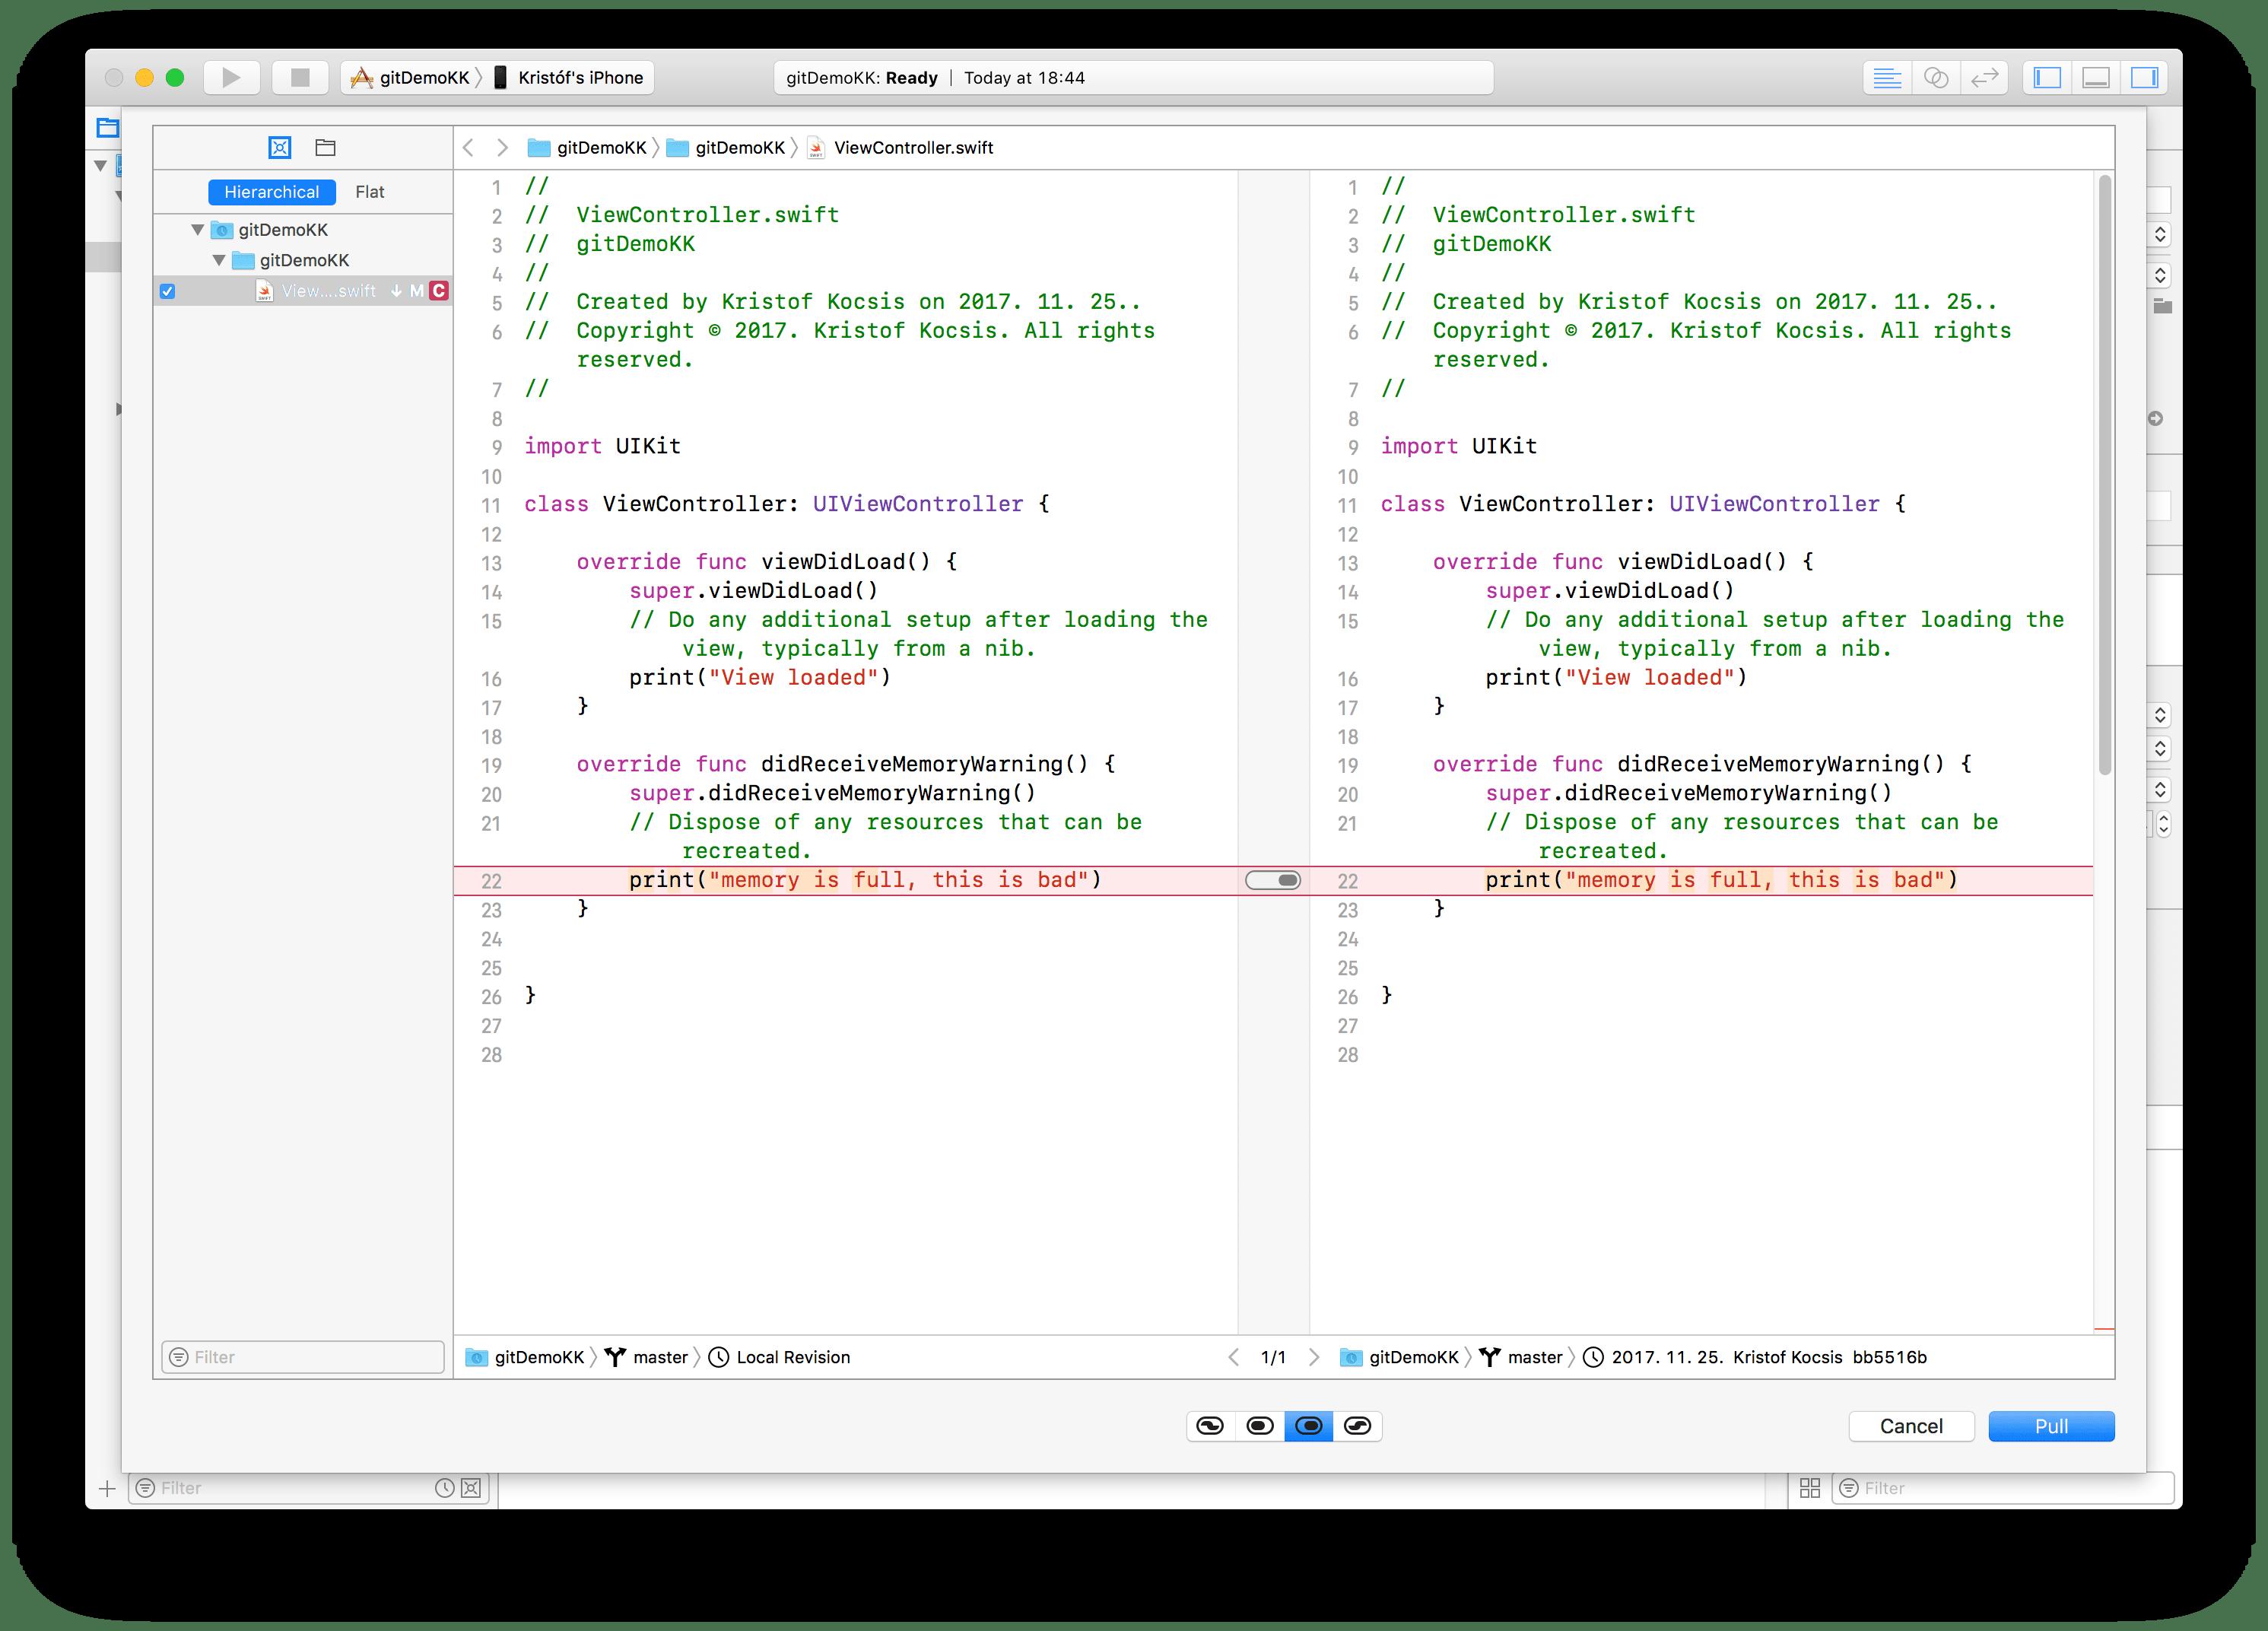 Resolving Conflict in Xcode